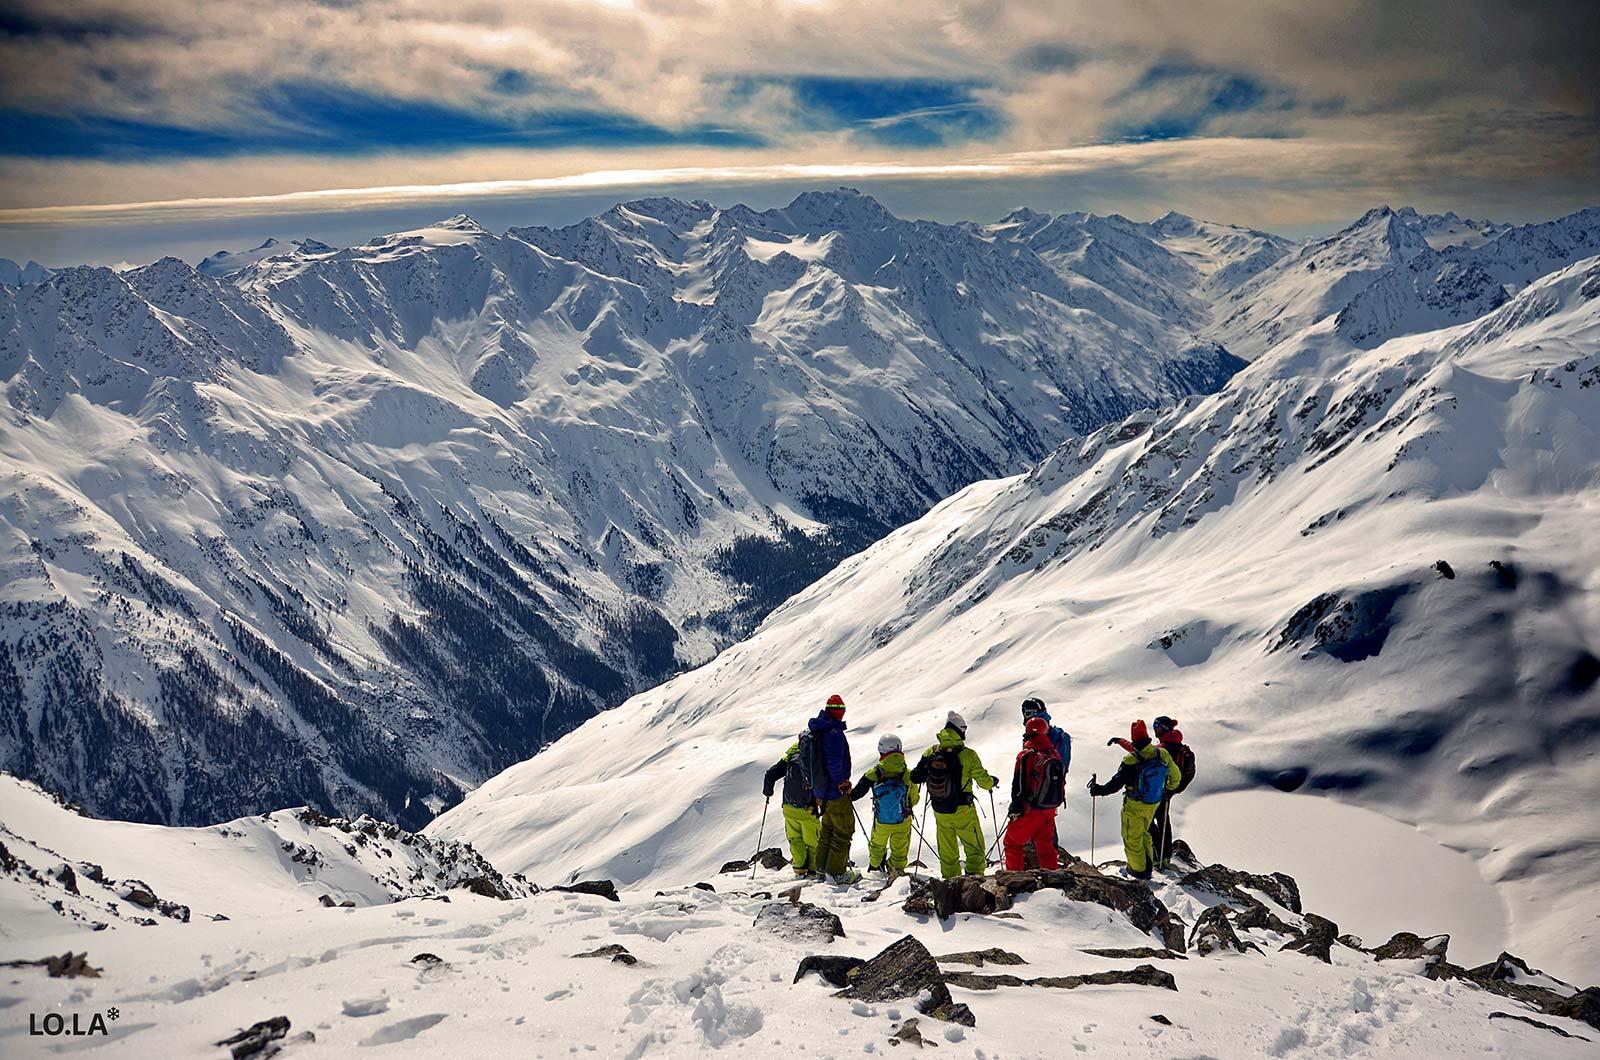 Ausbildung Locals | LO.LA Alpine Safety Management